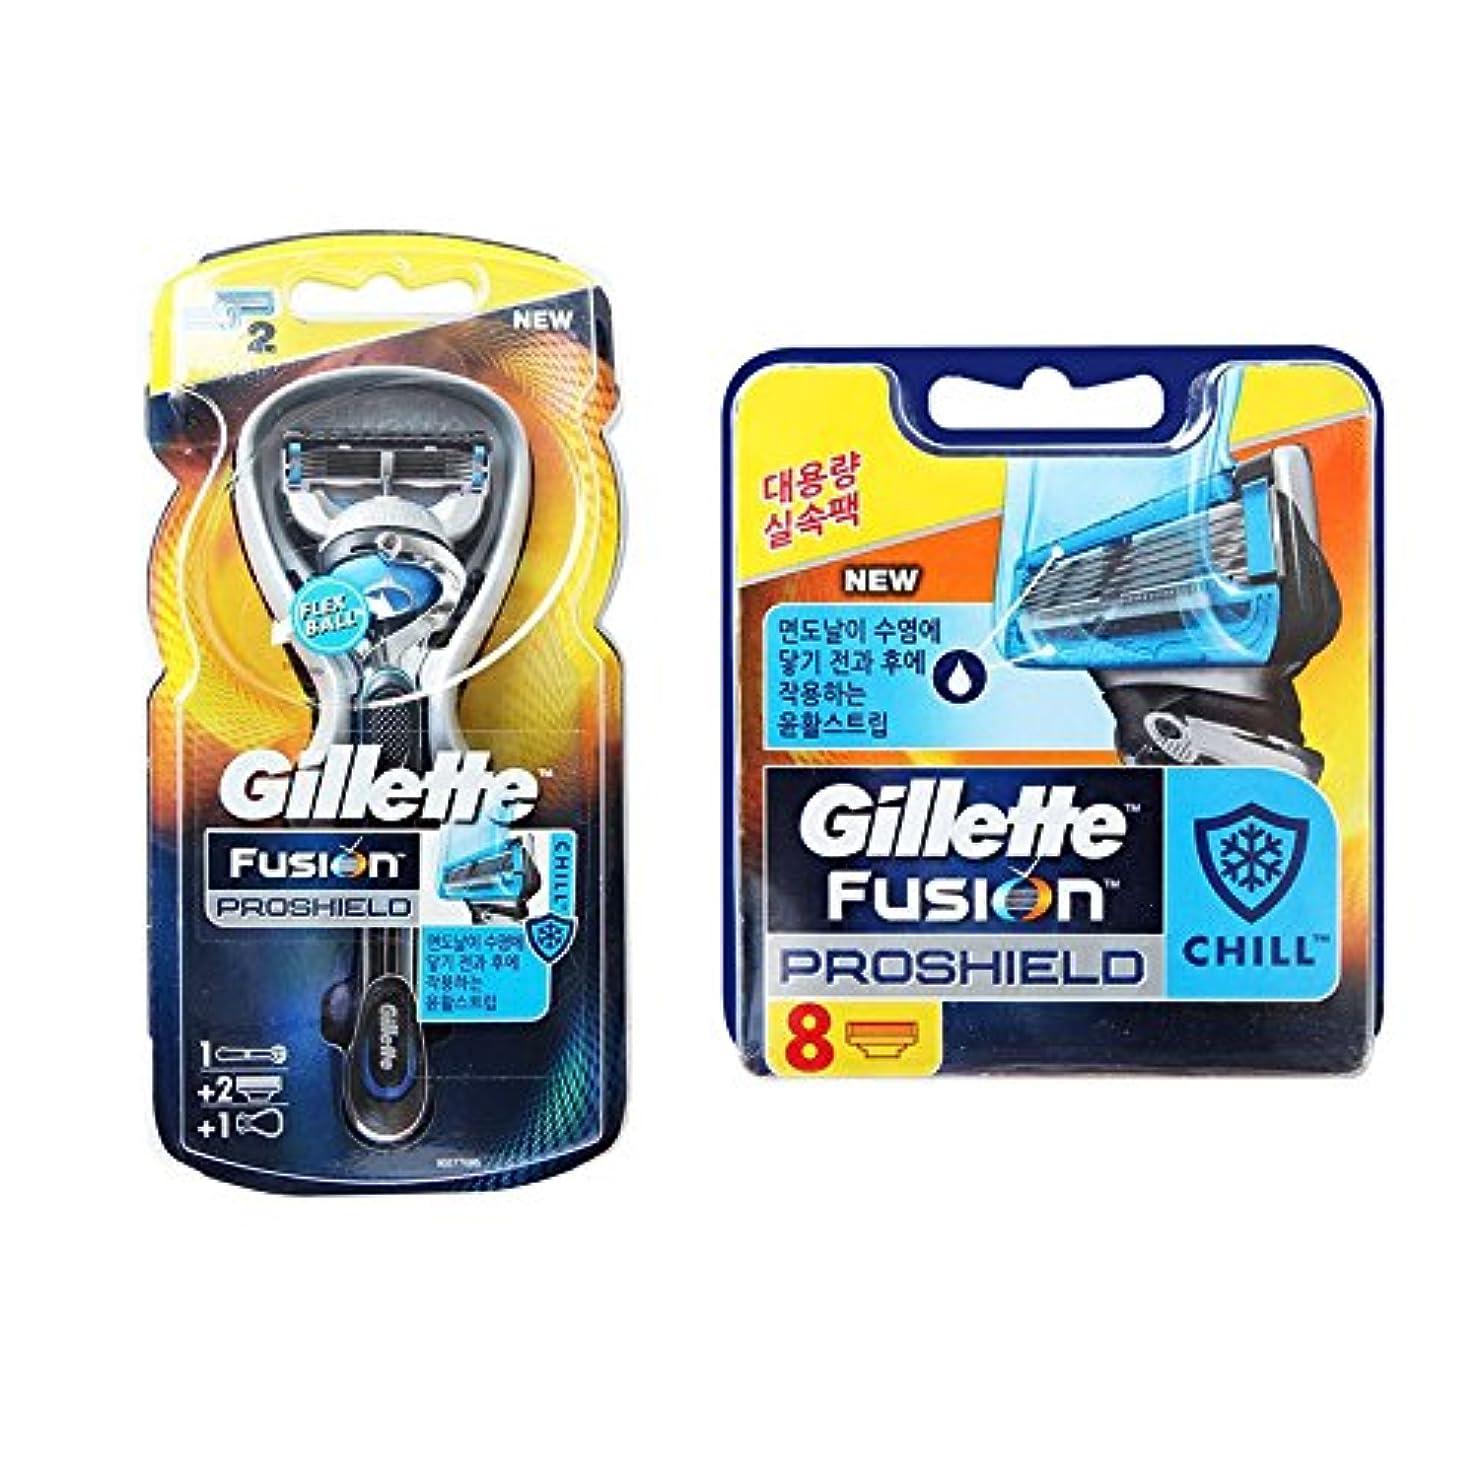 ナサニエル区準備平日Gillette Fusion Proshield Chill Blue 1本の剃刀と10本の剃刀刃 [並行輸入品]